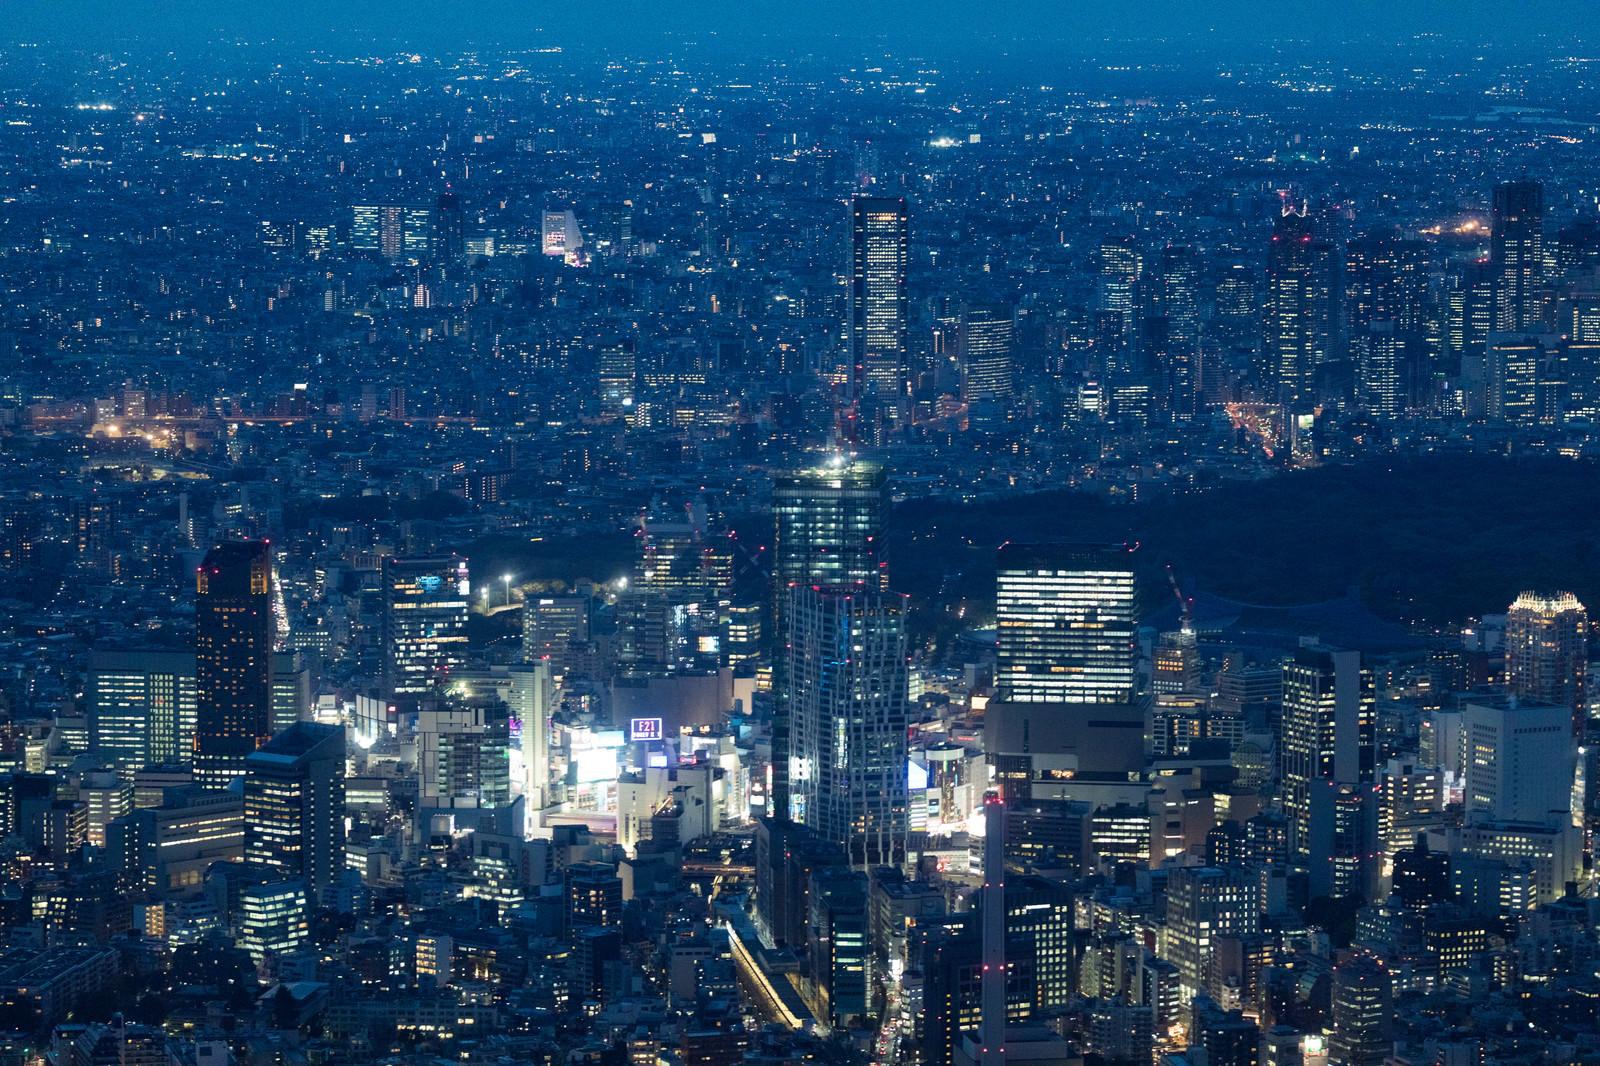 「渋谷付近のビル群と空撮夜景」の写真